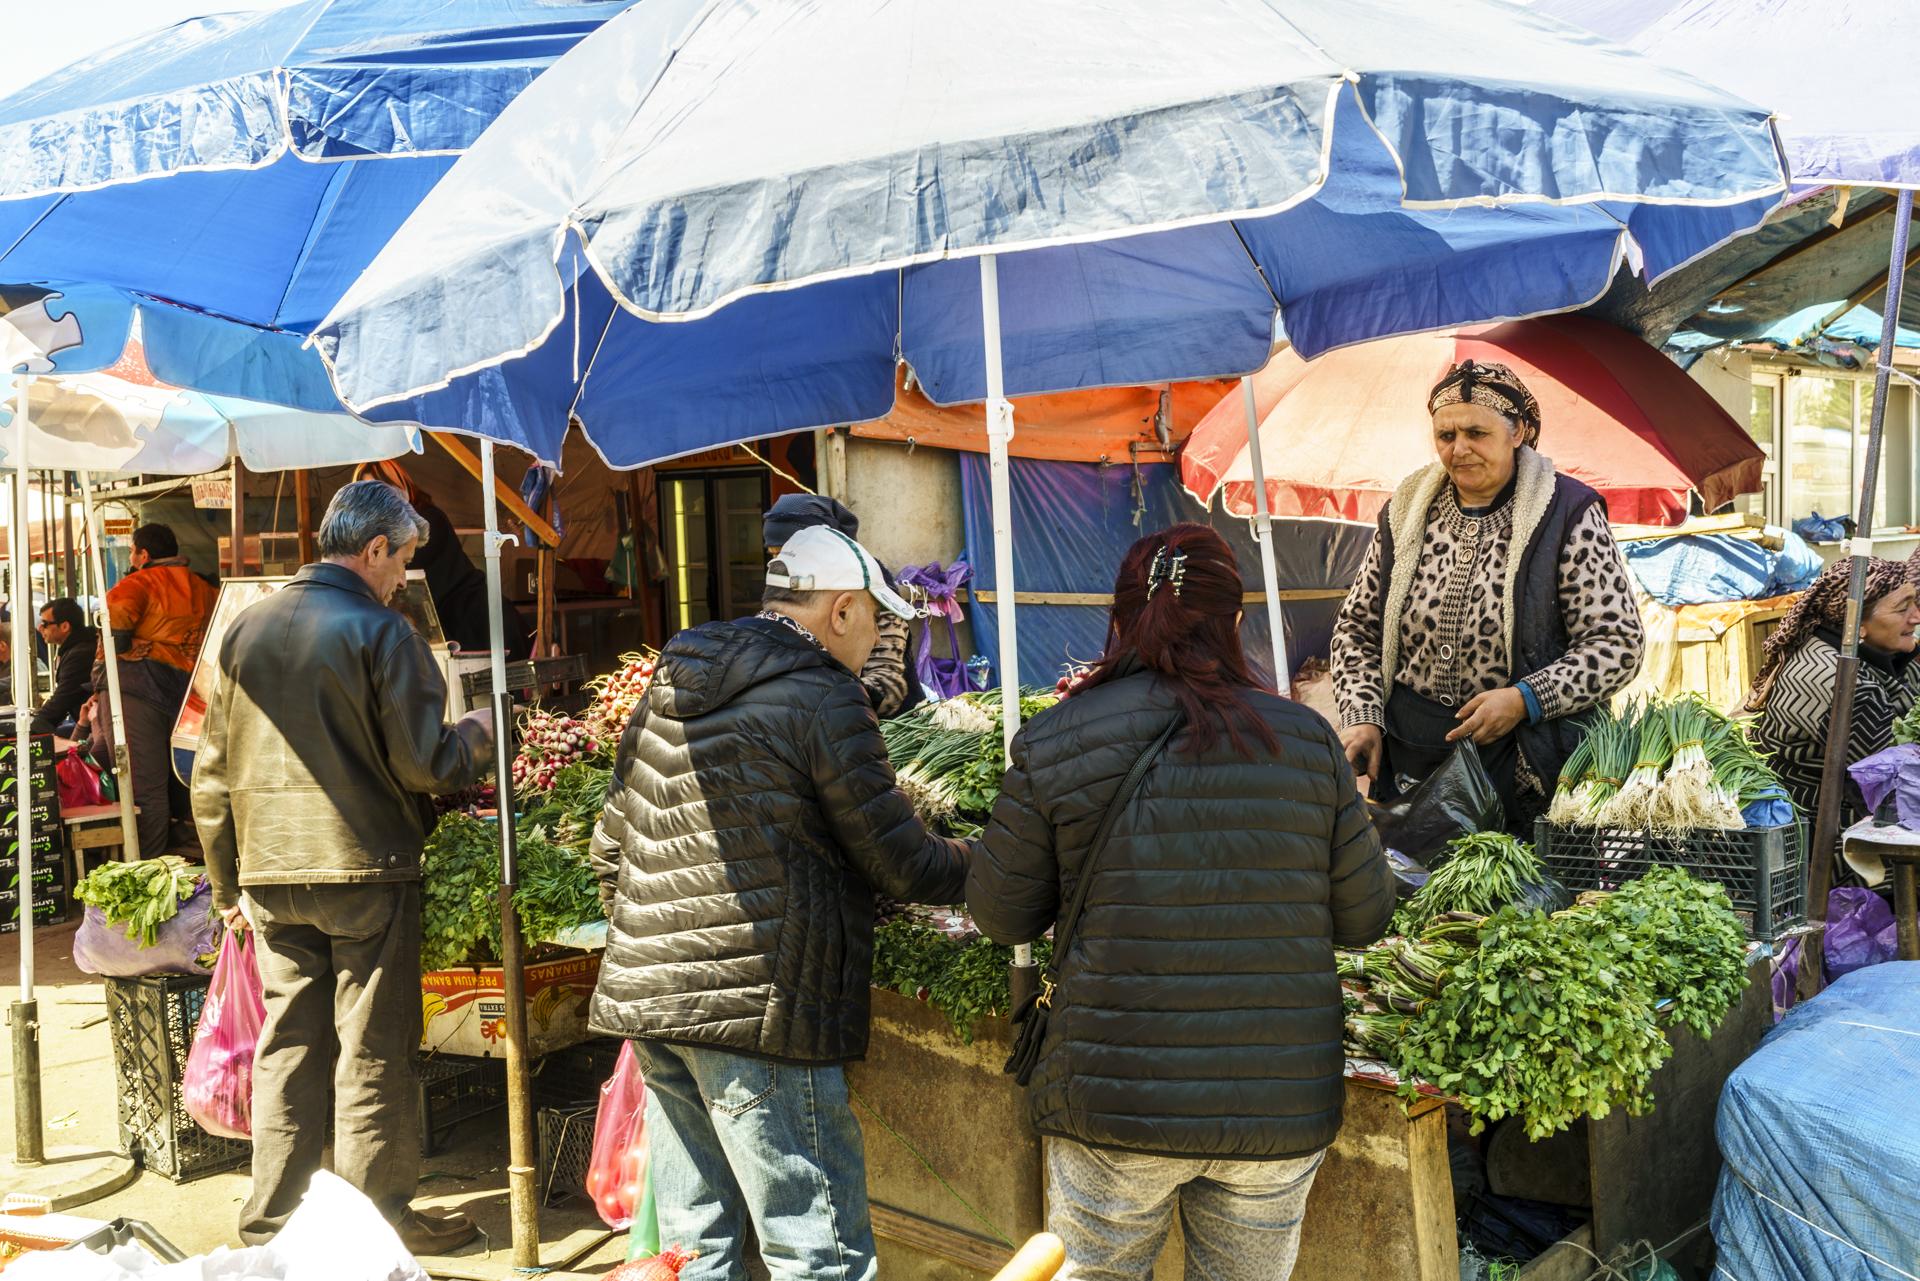 Dezertirebi Bazaar Tiflis